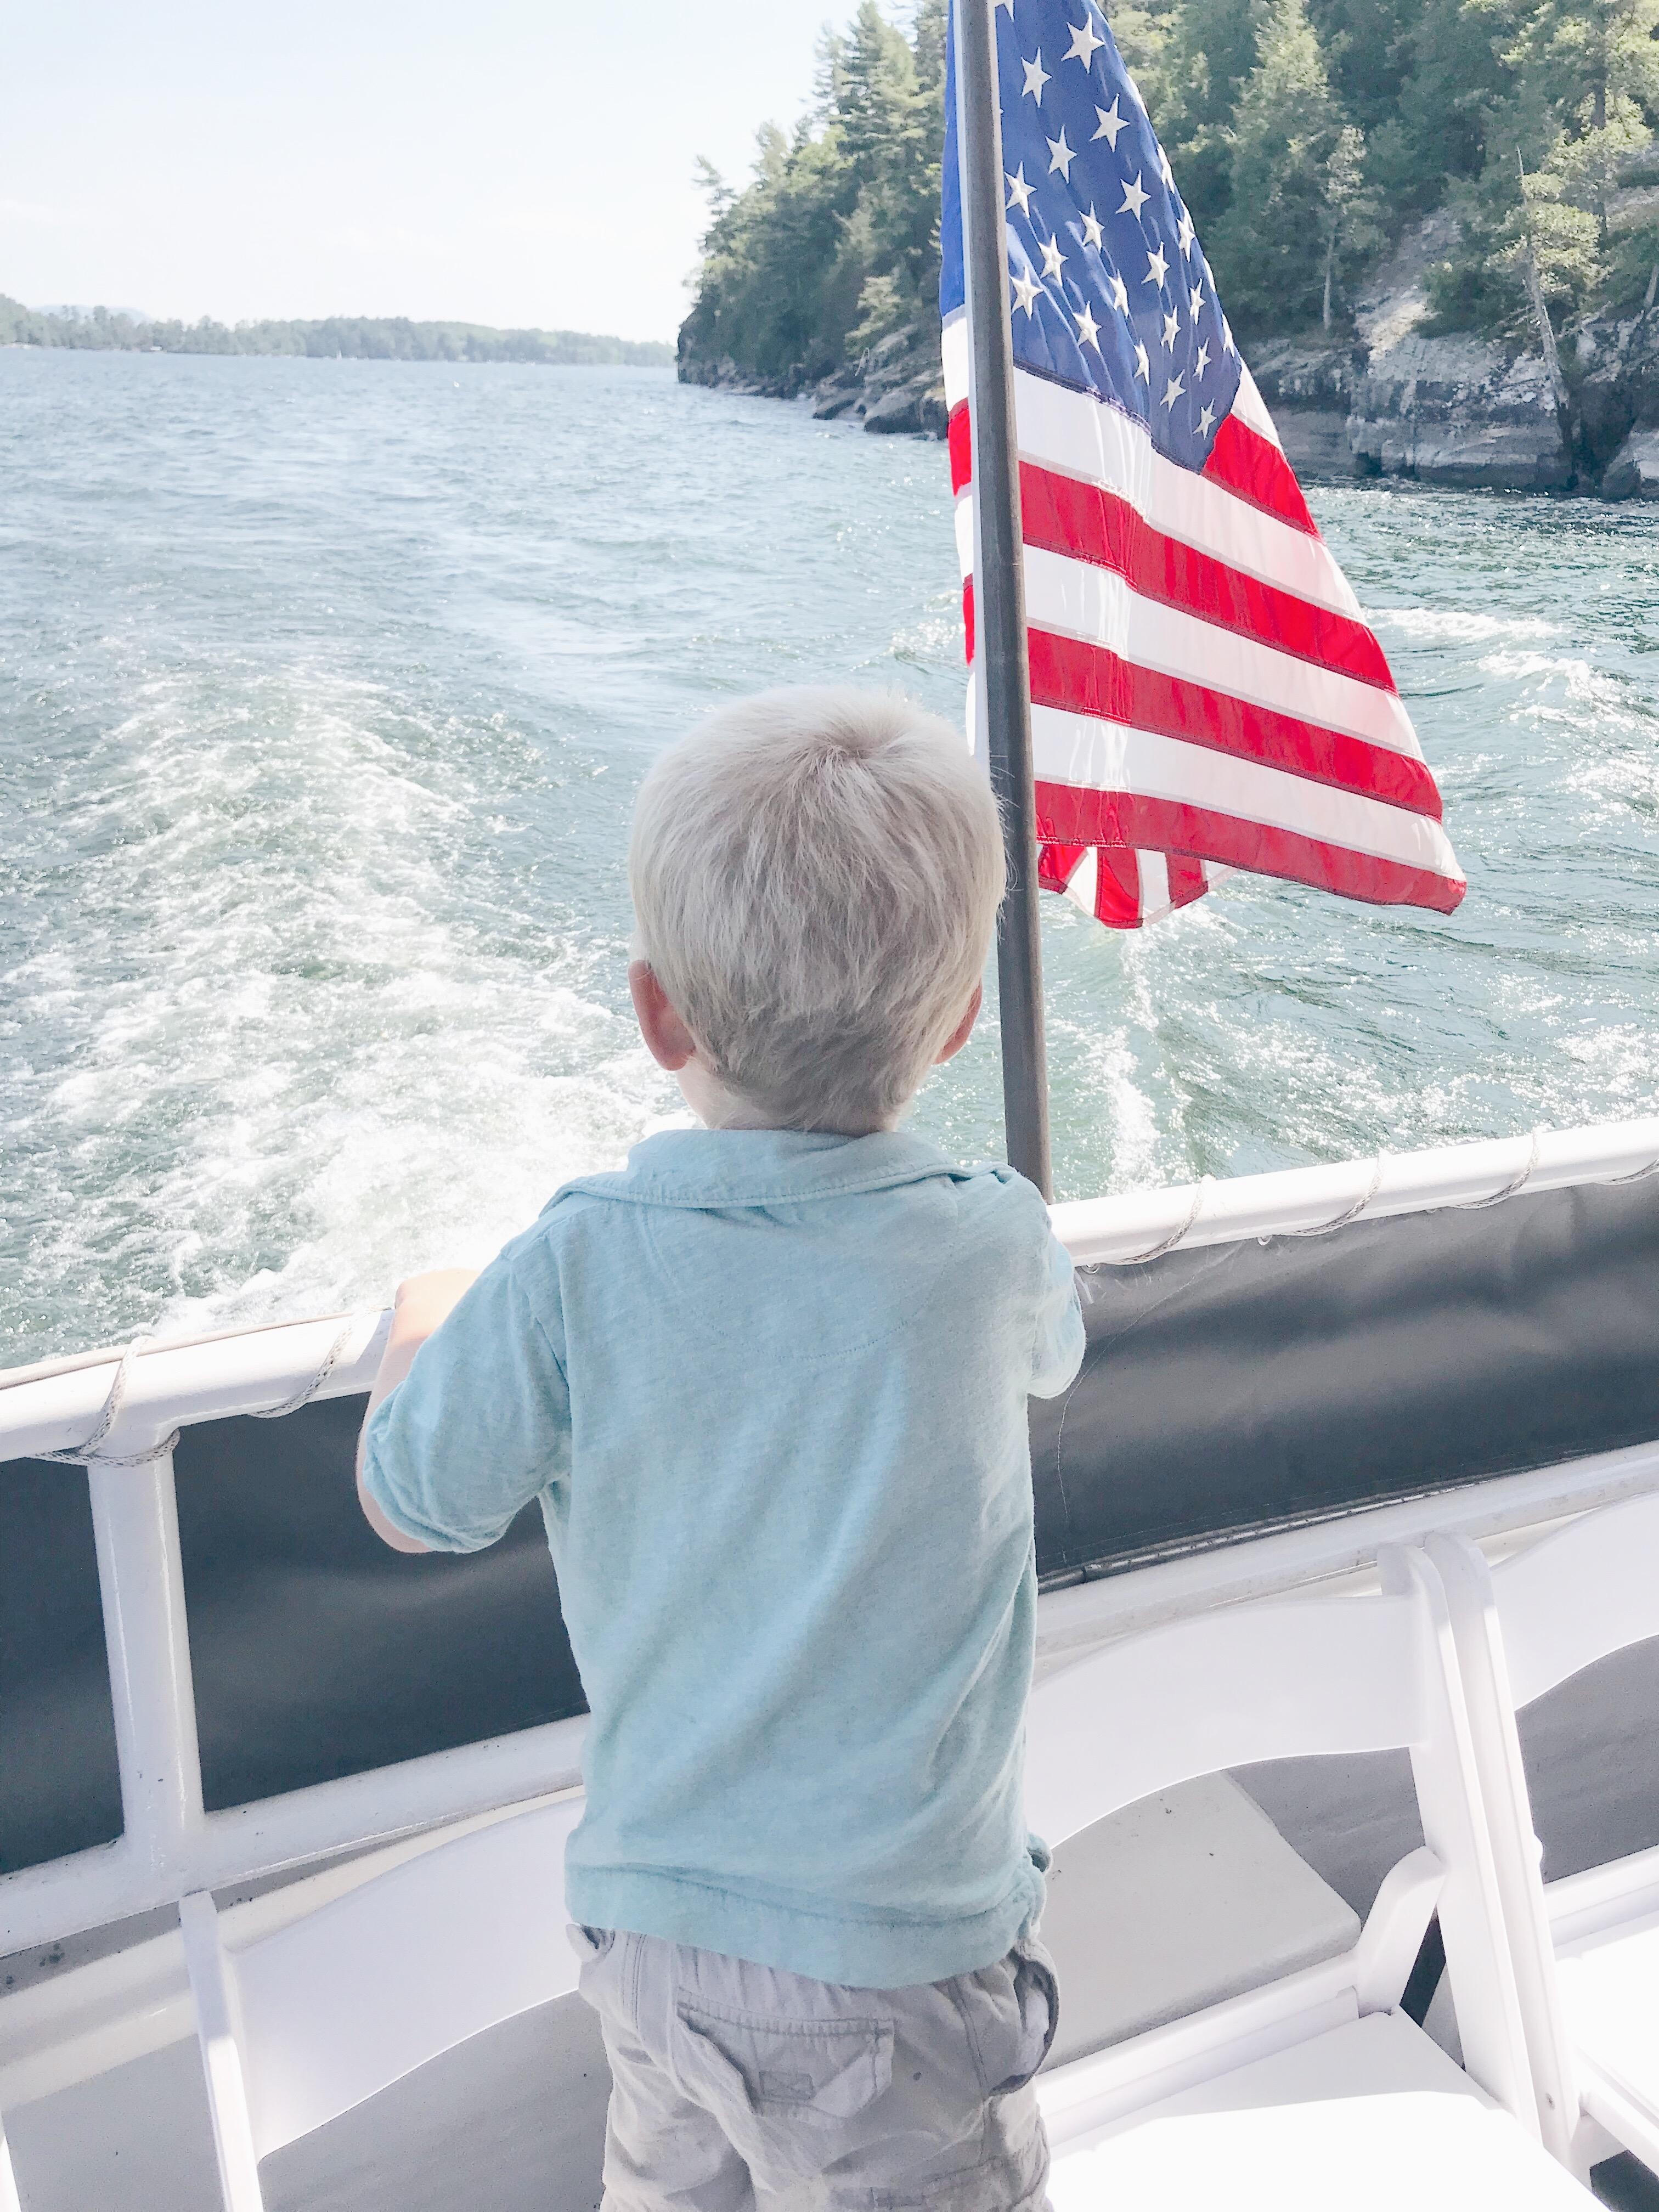 Basin Harbor Resort Review - Boat Time